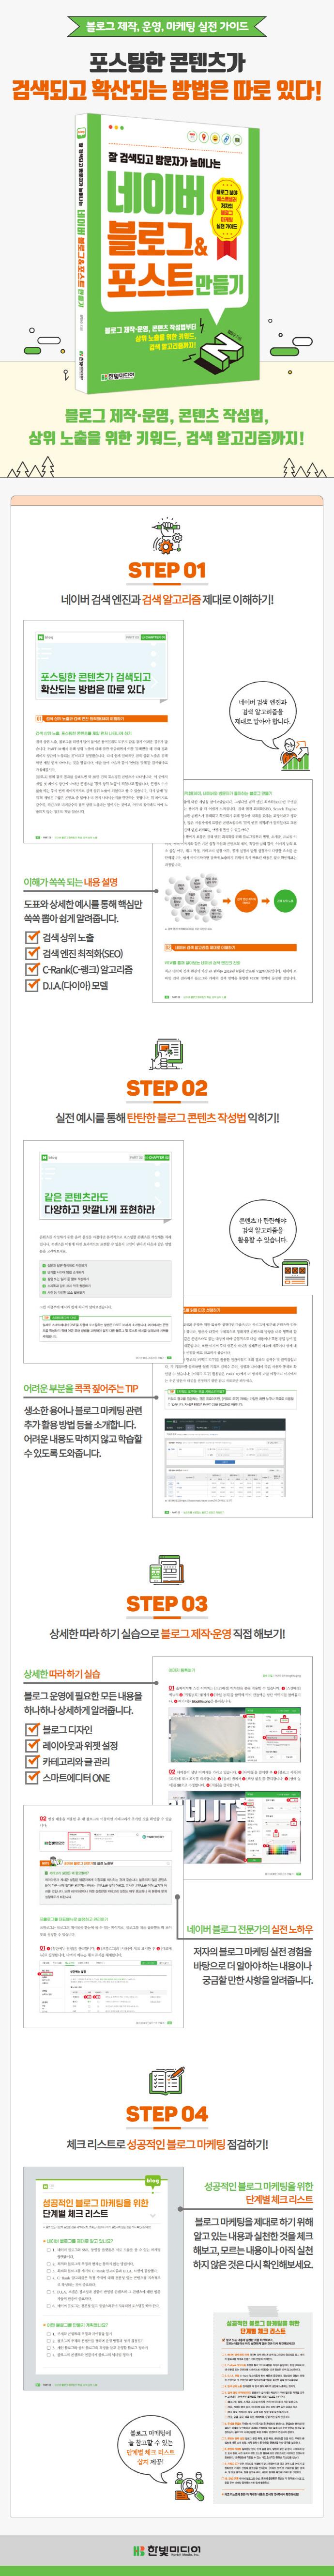 네이버 블로그&포스트 만들기(잘 검색되고 방문자가 늘어나는) 도서 상세이미지